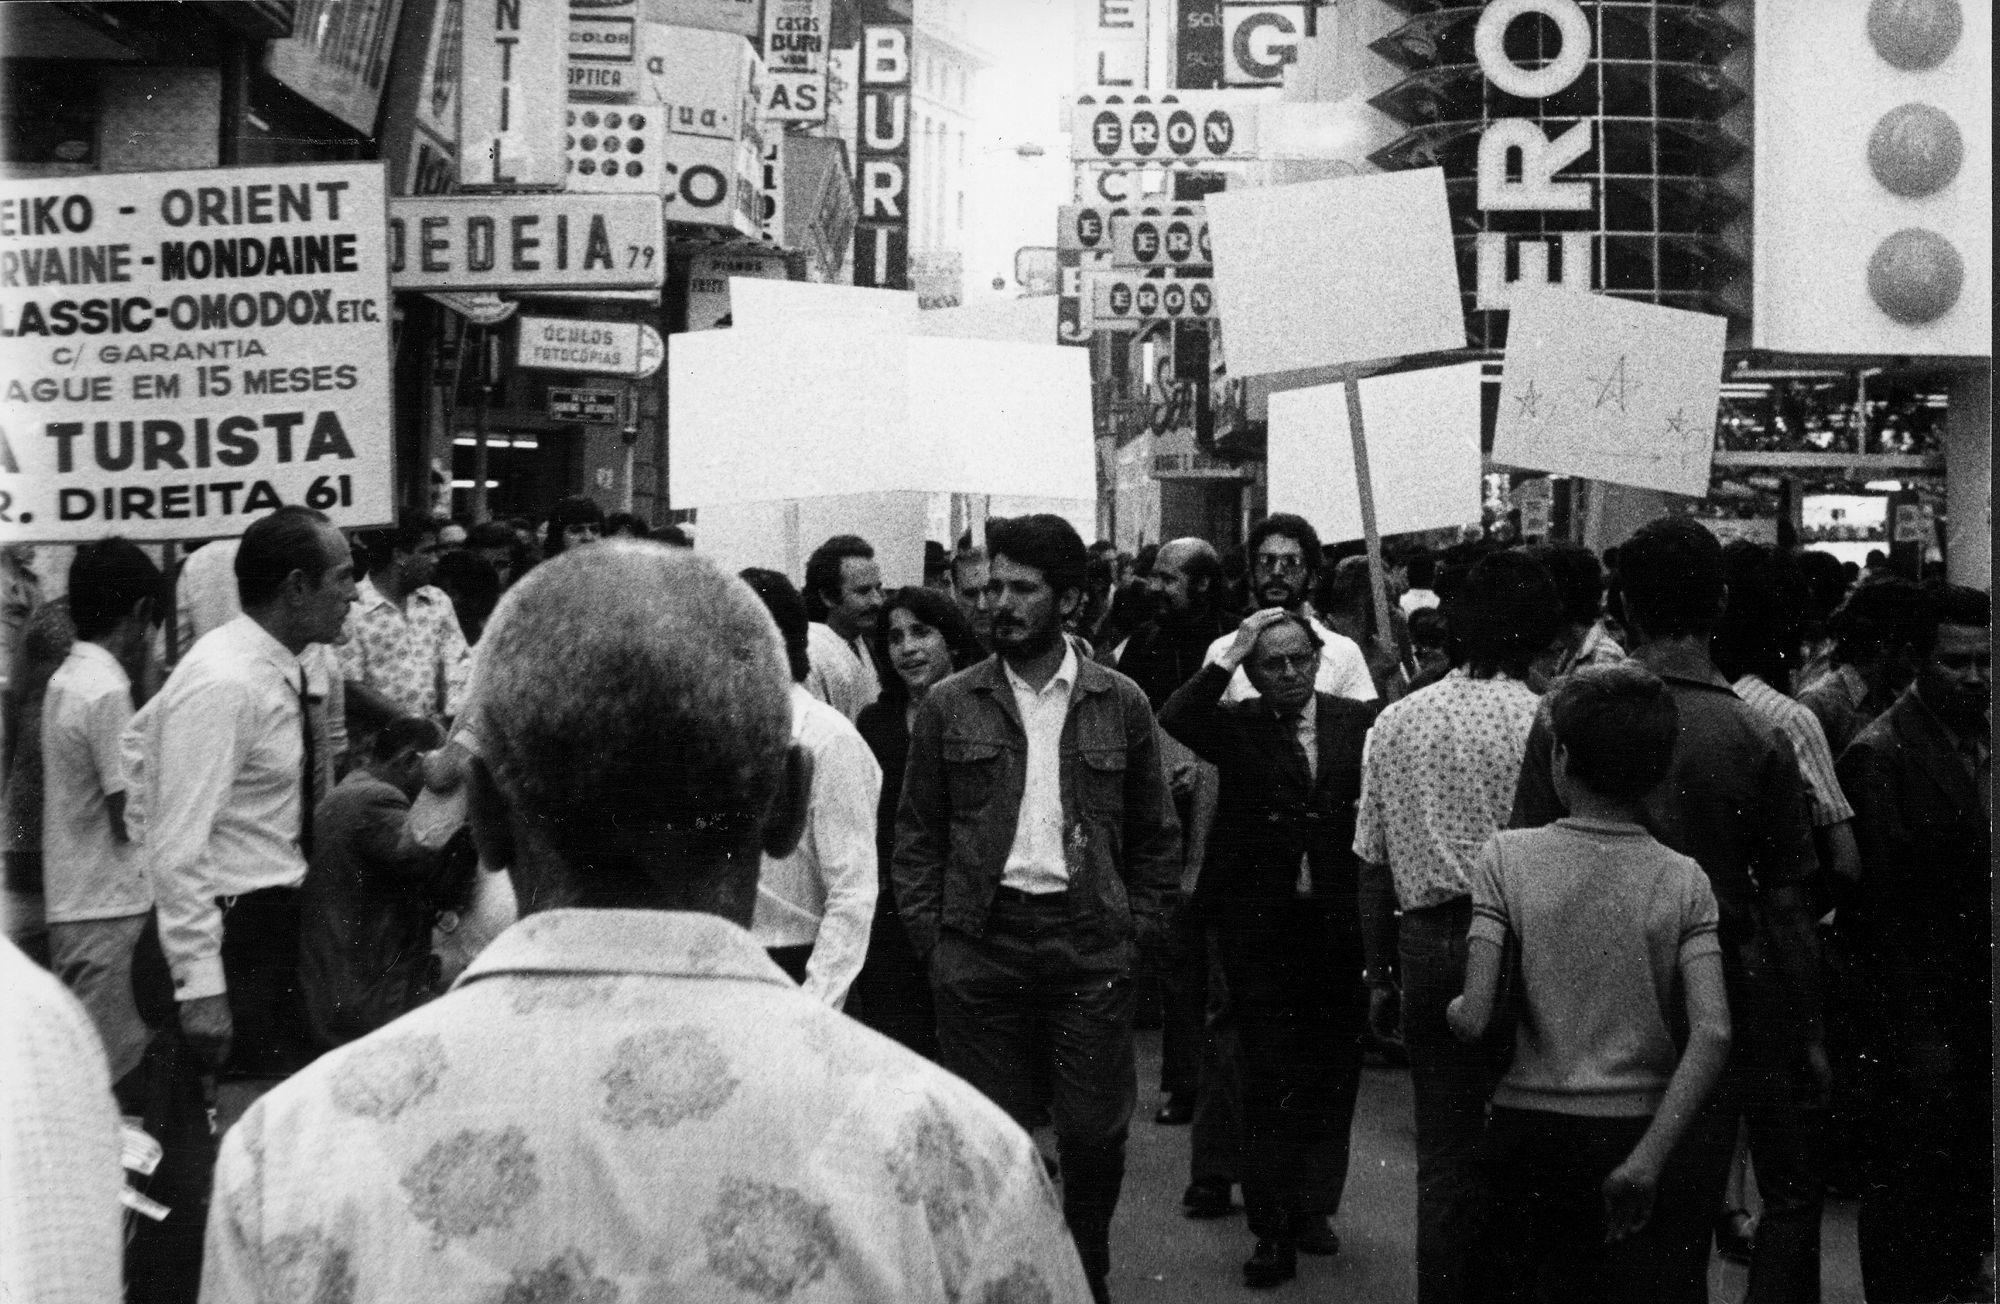 Le blanc envahit la ville (XIIe biennale de São Paulo)